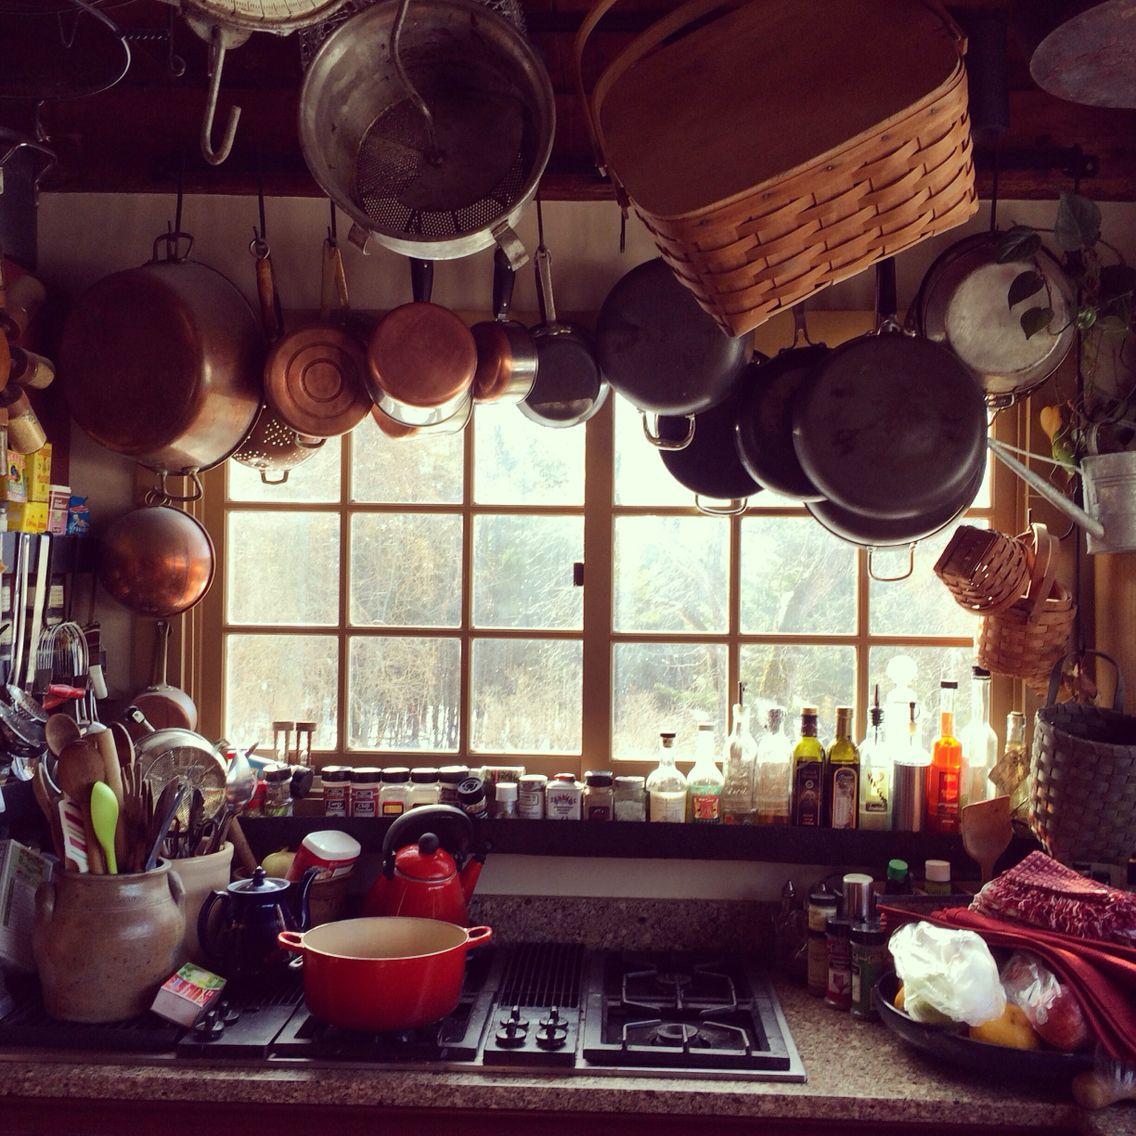 kitchen window interior design interior design interior kitchen window on kitchen interior with window id=72176